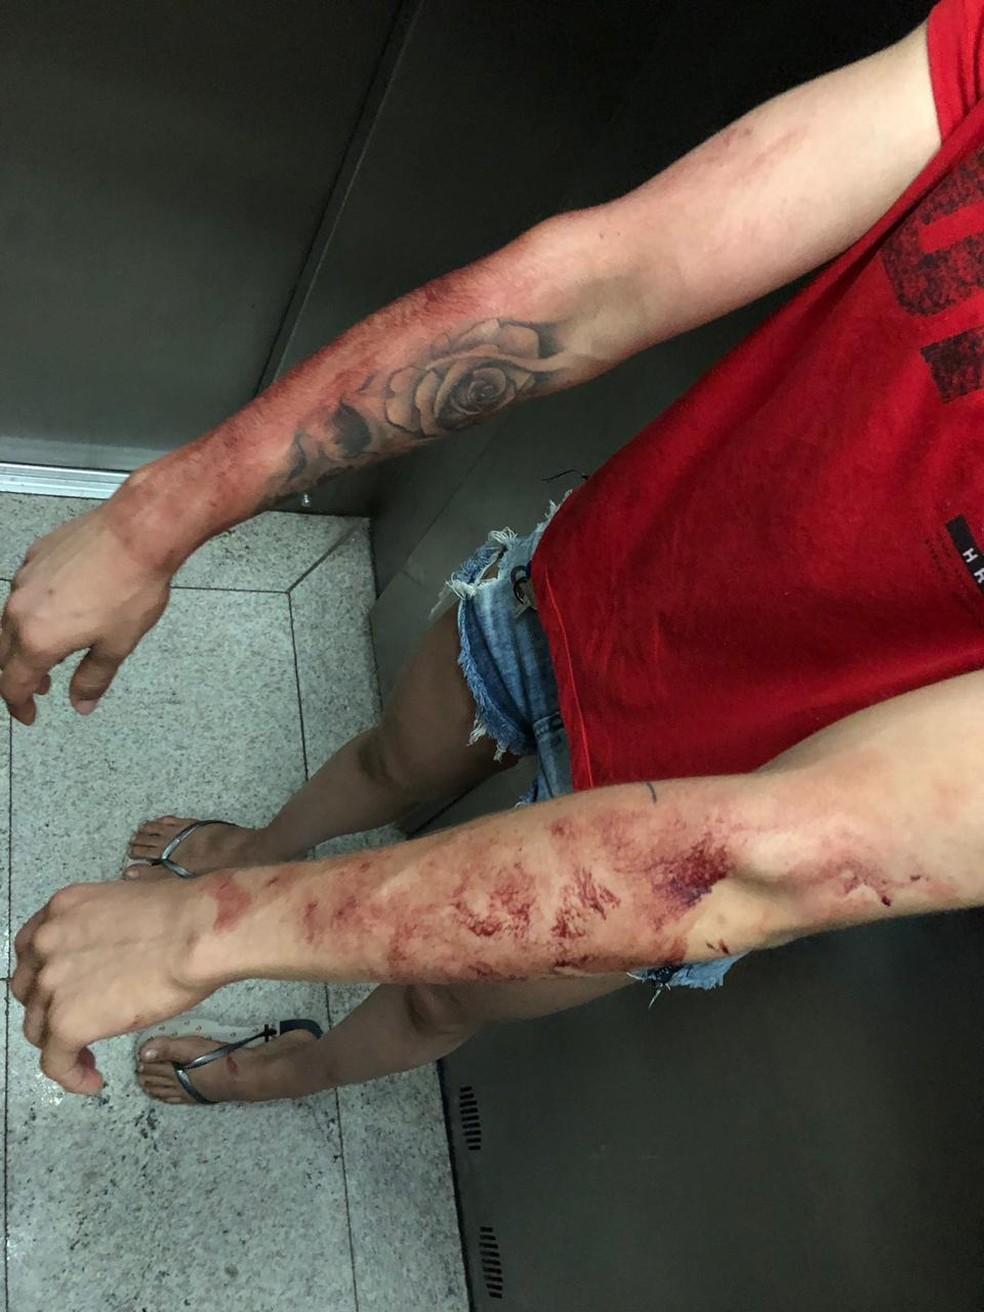 Polyana Viana mostra os braços feridos após imobilizar o assaltante — Foto: Arquivo pessoal